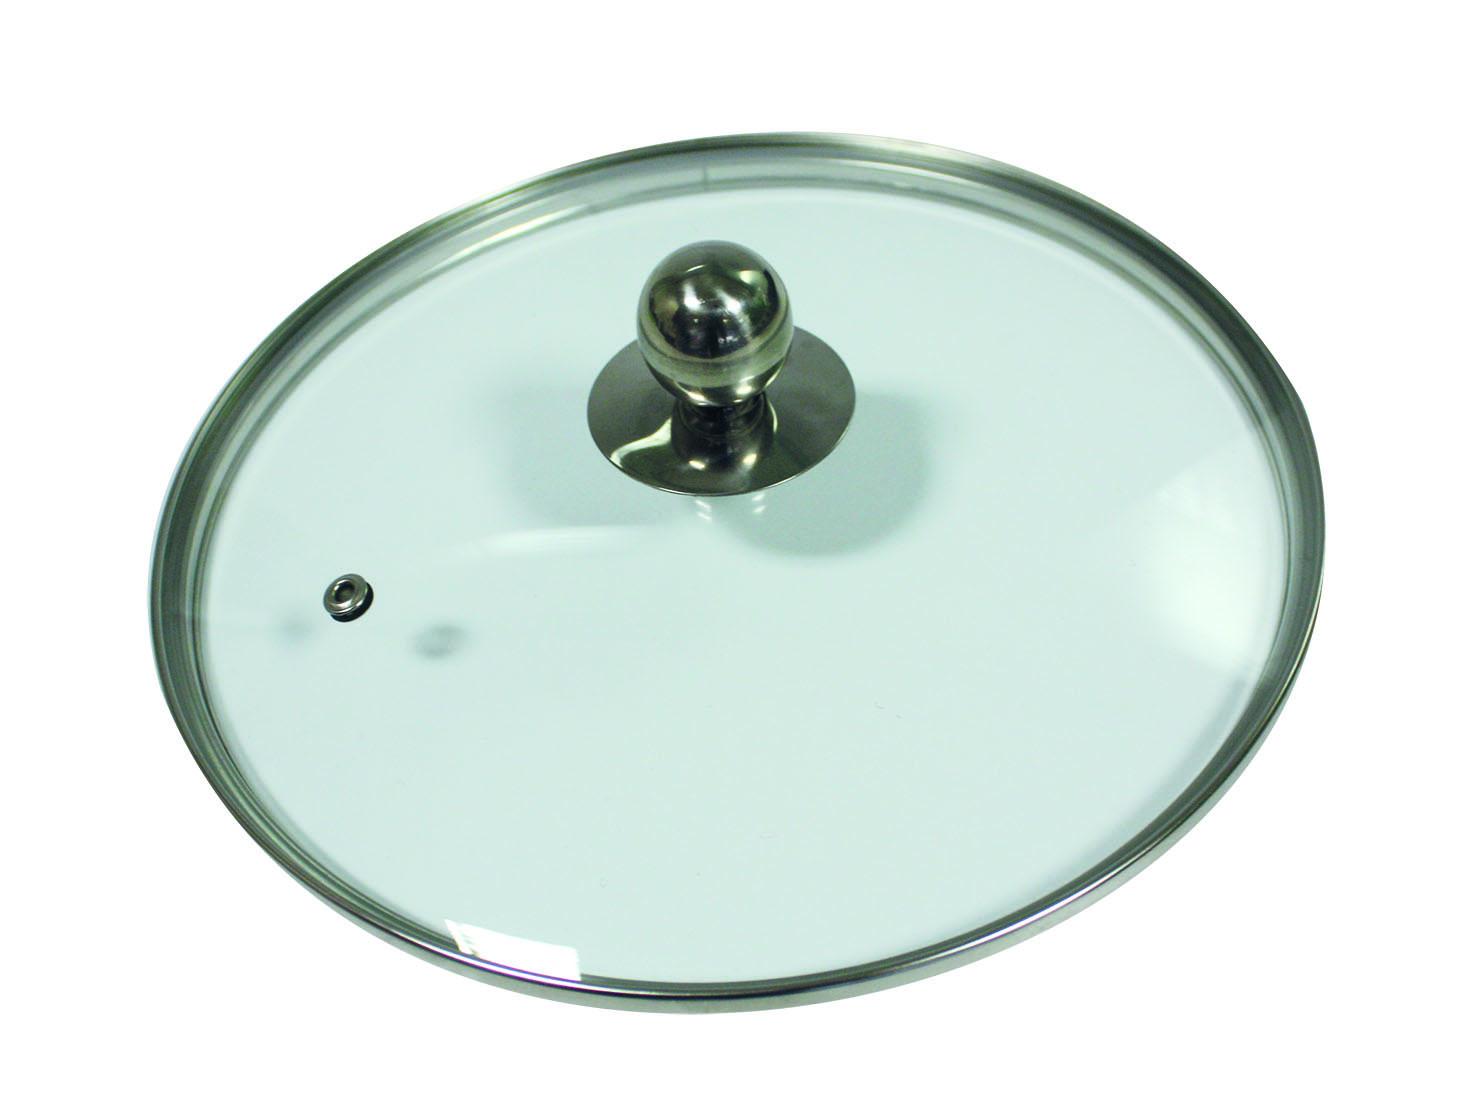 frying pan glass